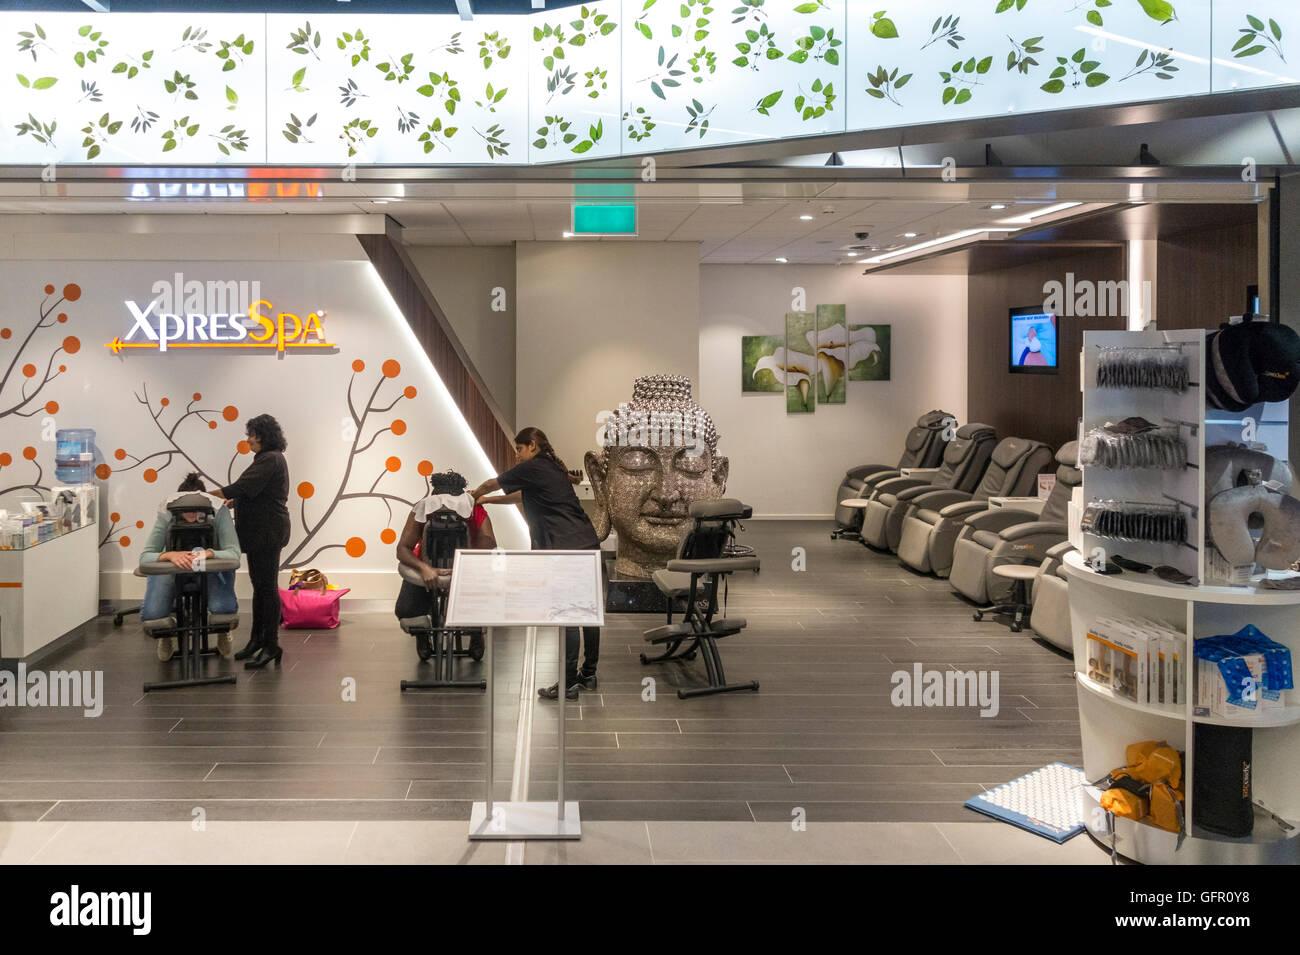 Departure Lounge massage au Spa, Xpress, XpresSpa Xpres Spa en salle d'embarquement 2 à l'aéroport Photo Stock